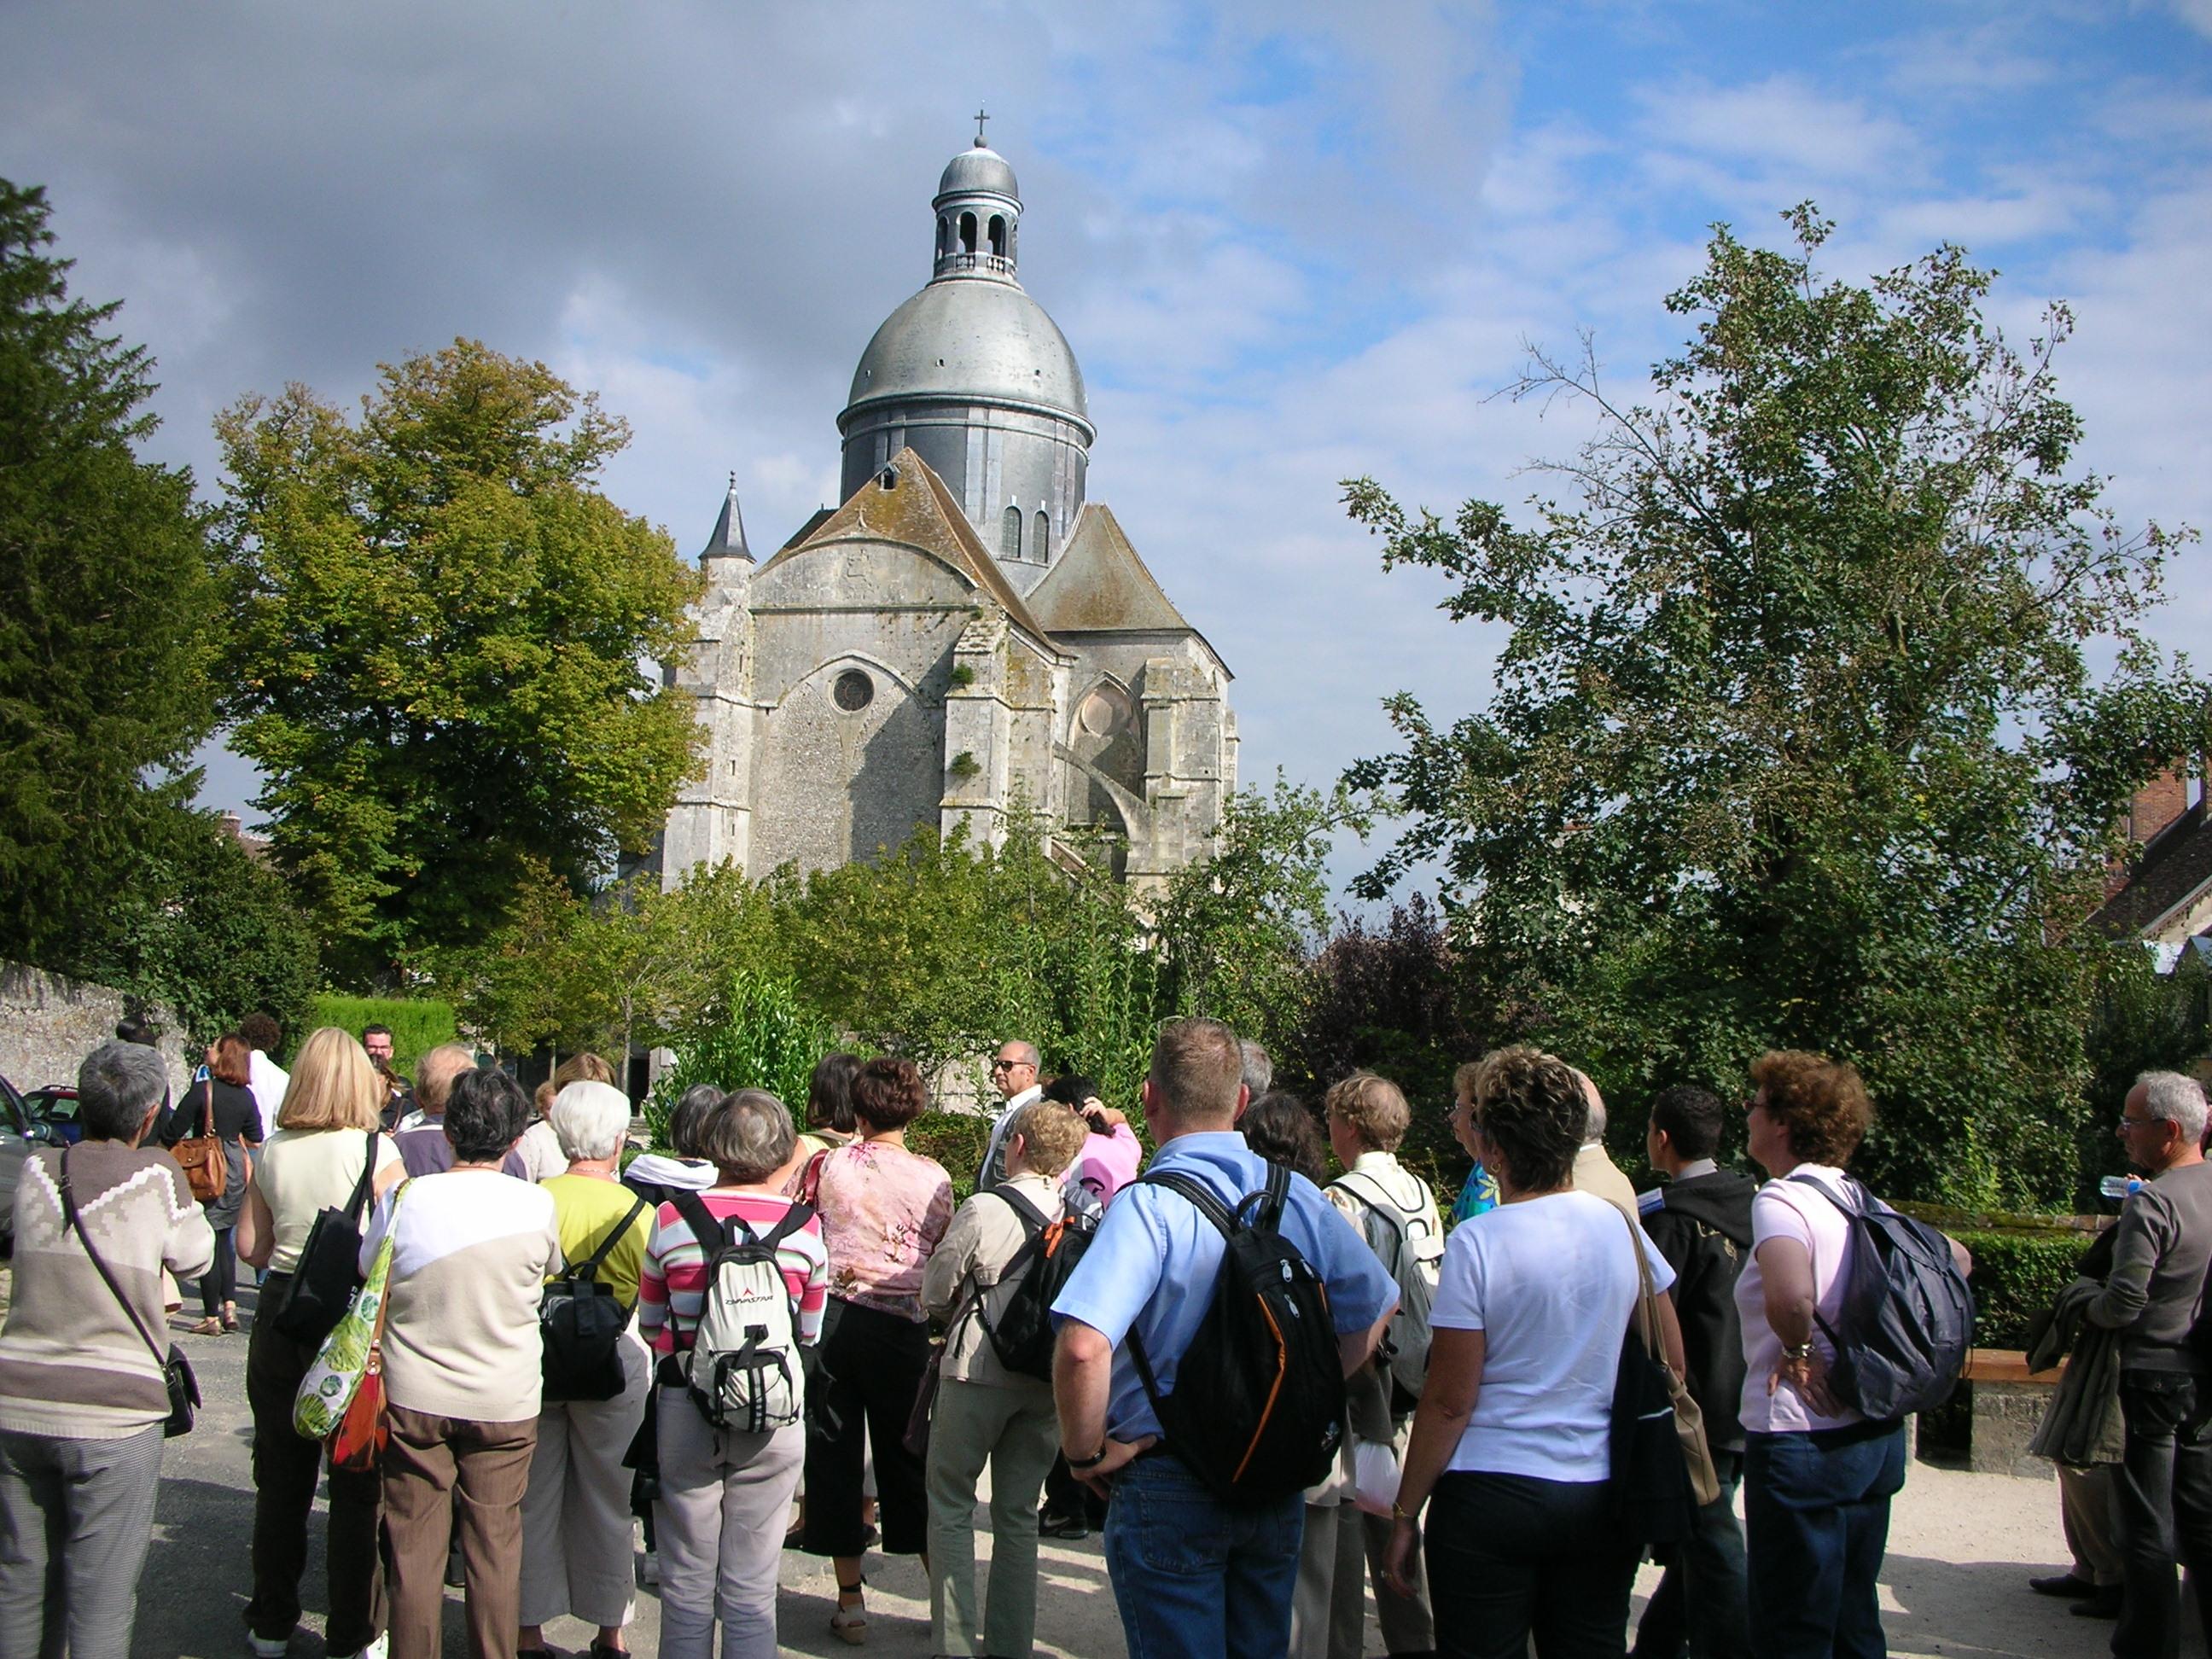 Provins cit m di vale le site officiel du tourisme en seine et marne c 39 est d j l 39 automne - Office du tourisme seine et marne ...